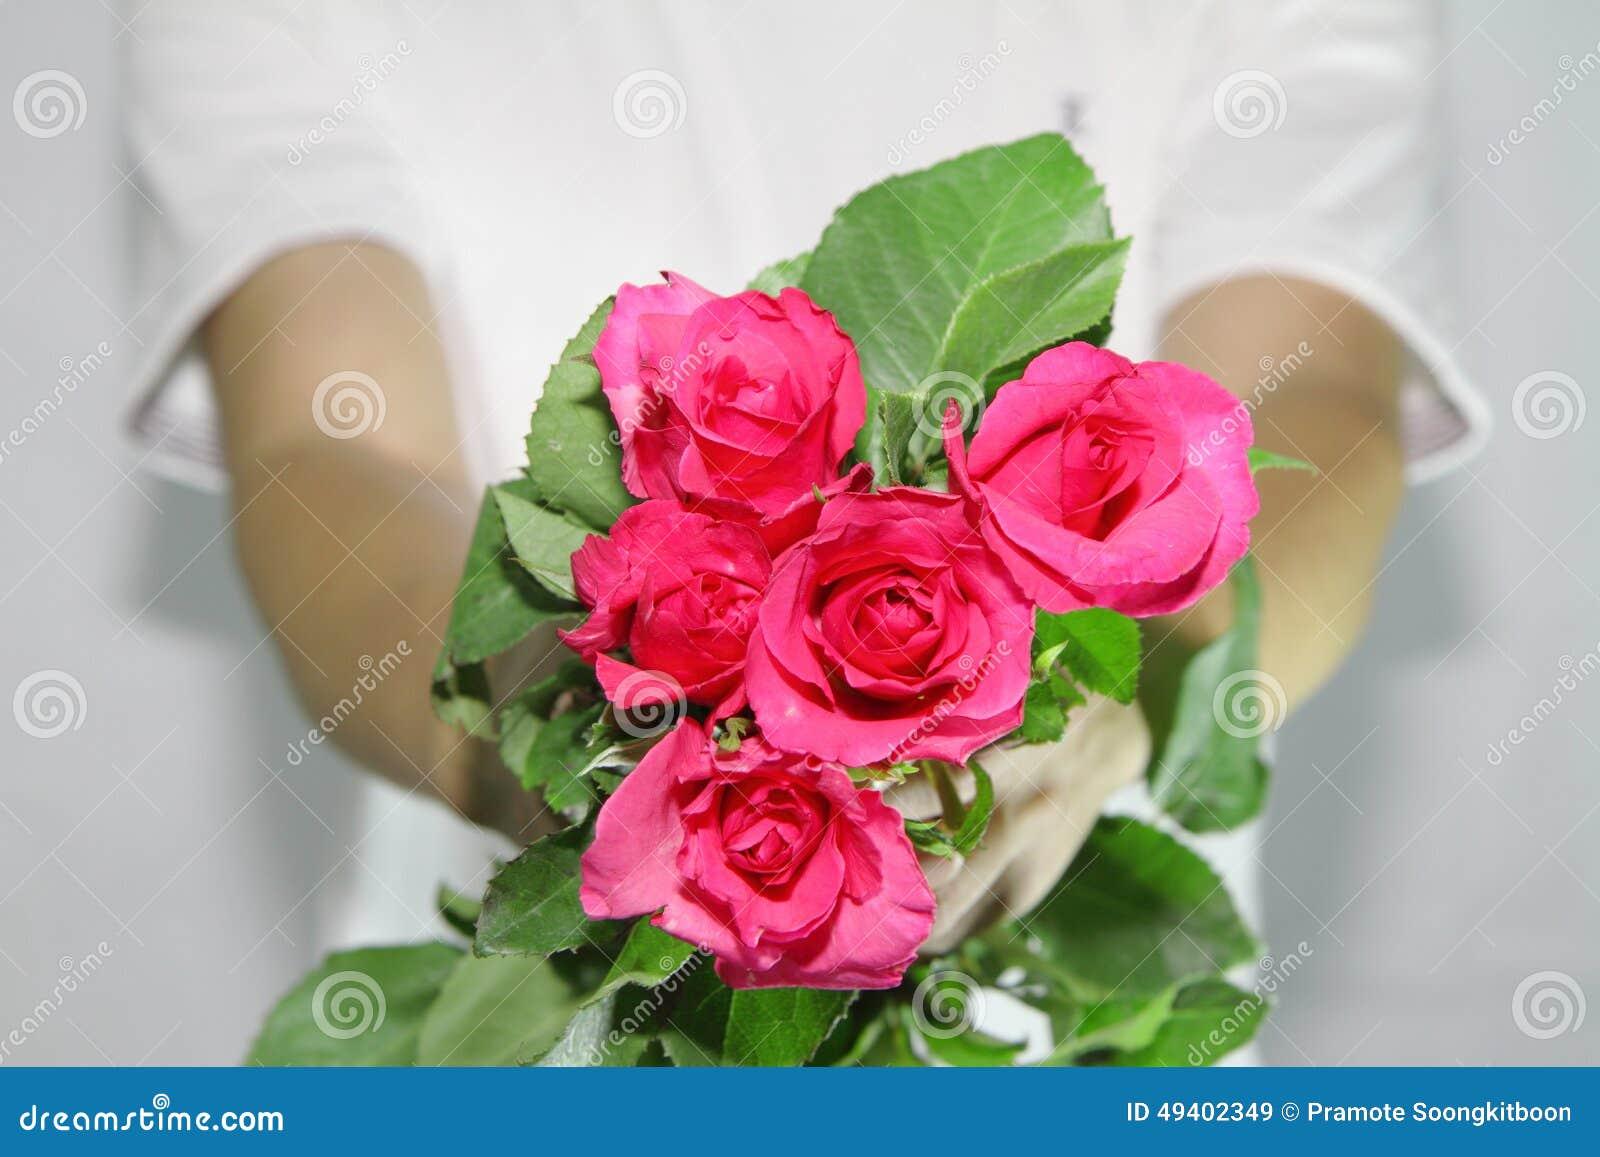 Download Überliefern Sie Die Rosen Zu Ihnen Stockbild - Bild von blume, jahrestag: 49402349